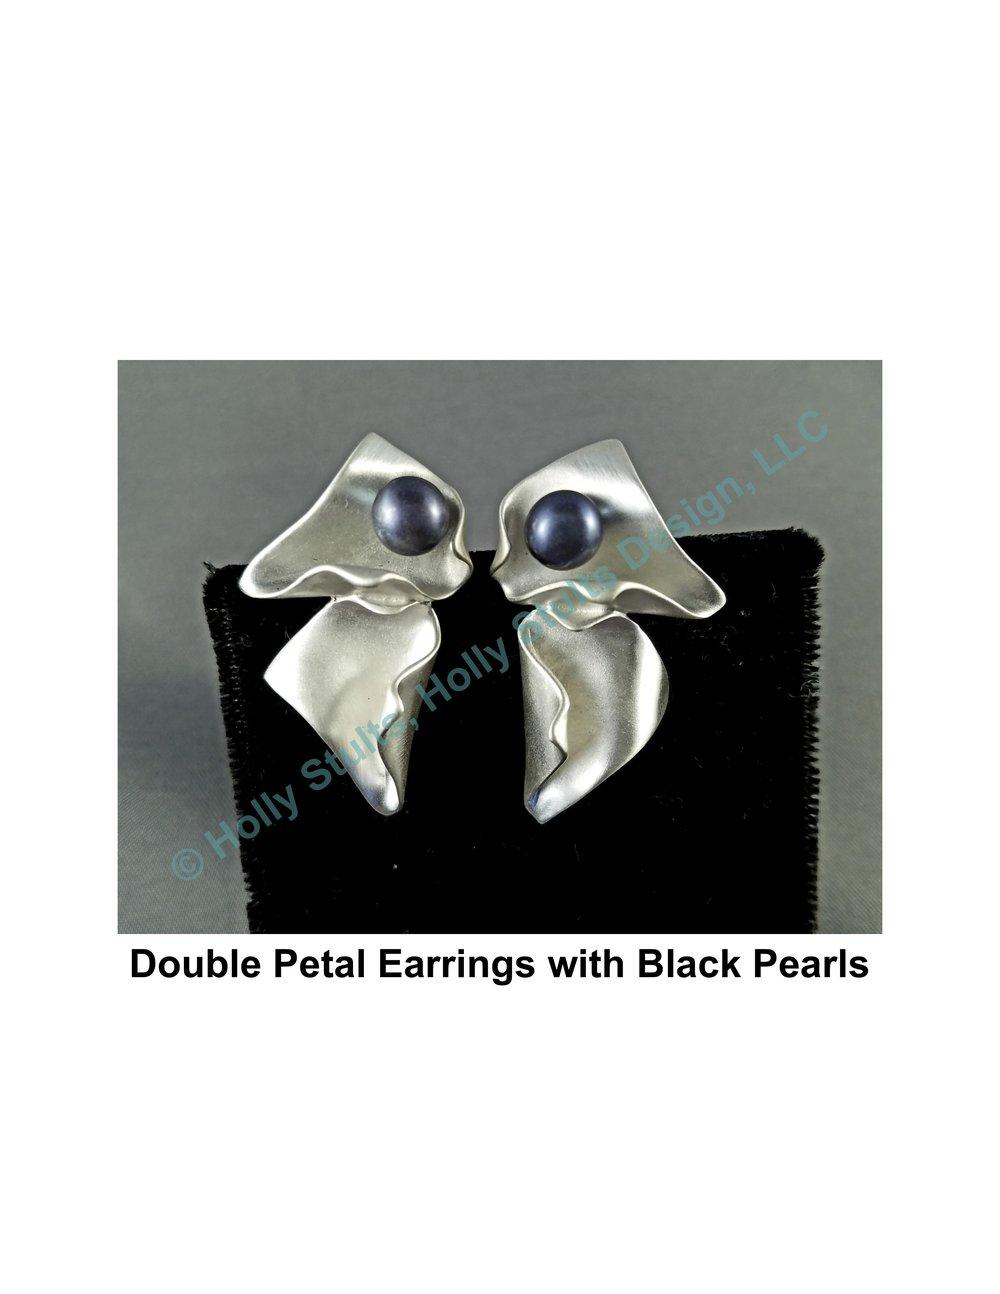 Double Petal Earrings with Black Pearls.jpg